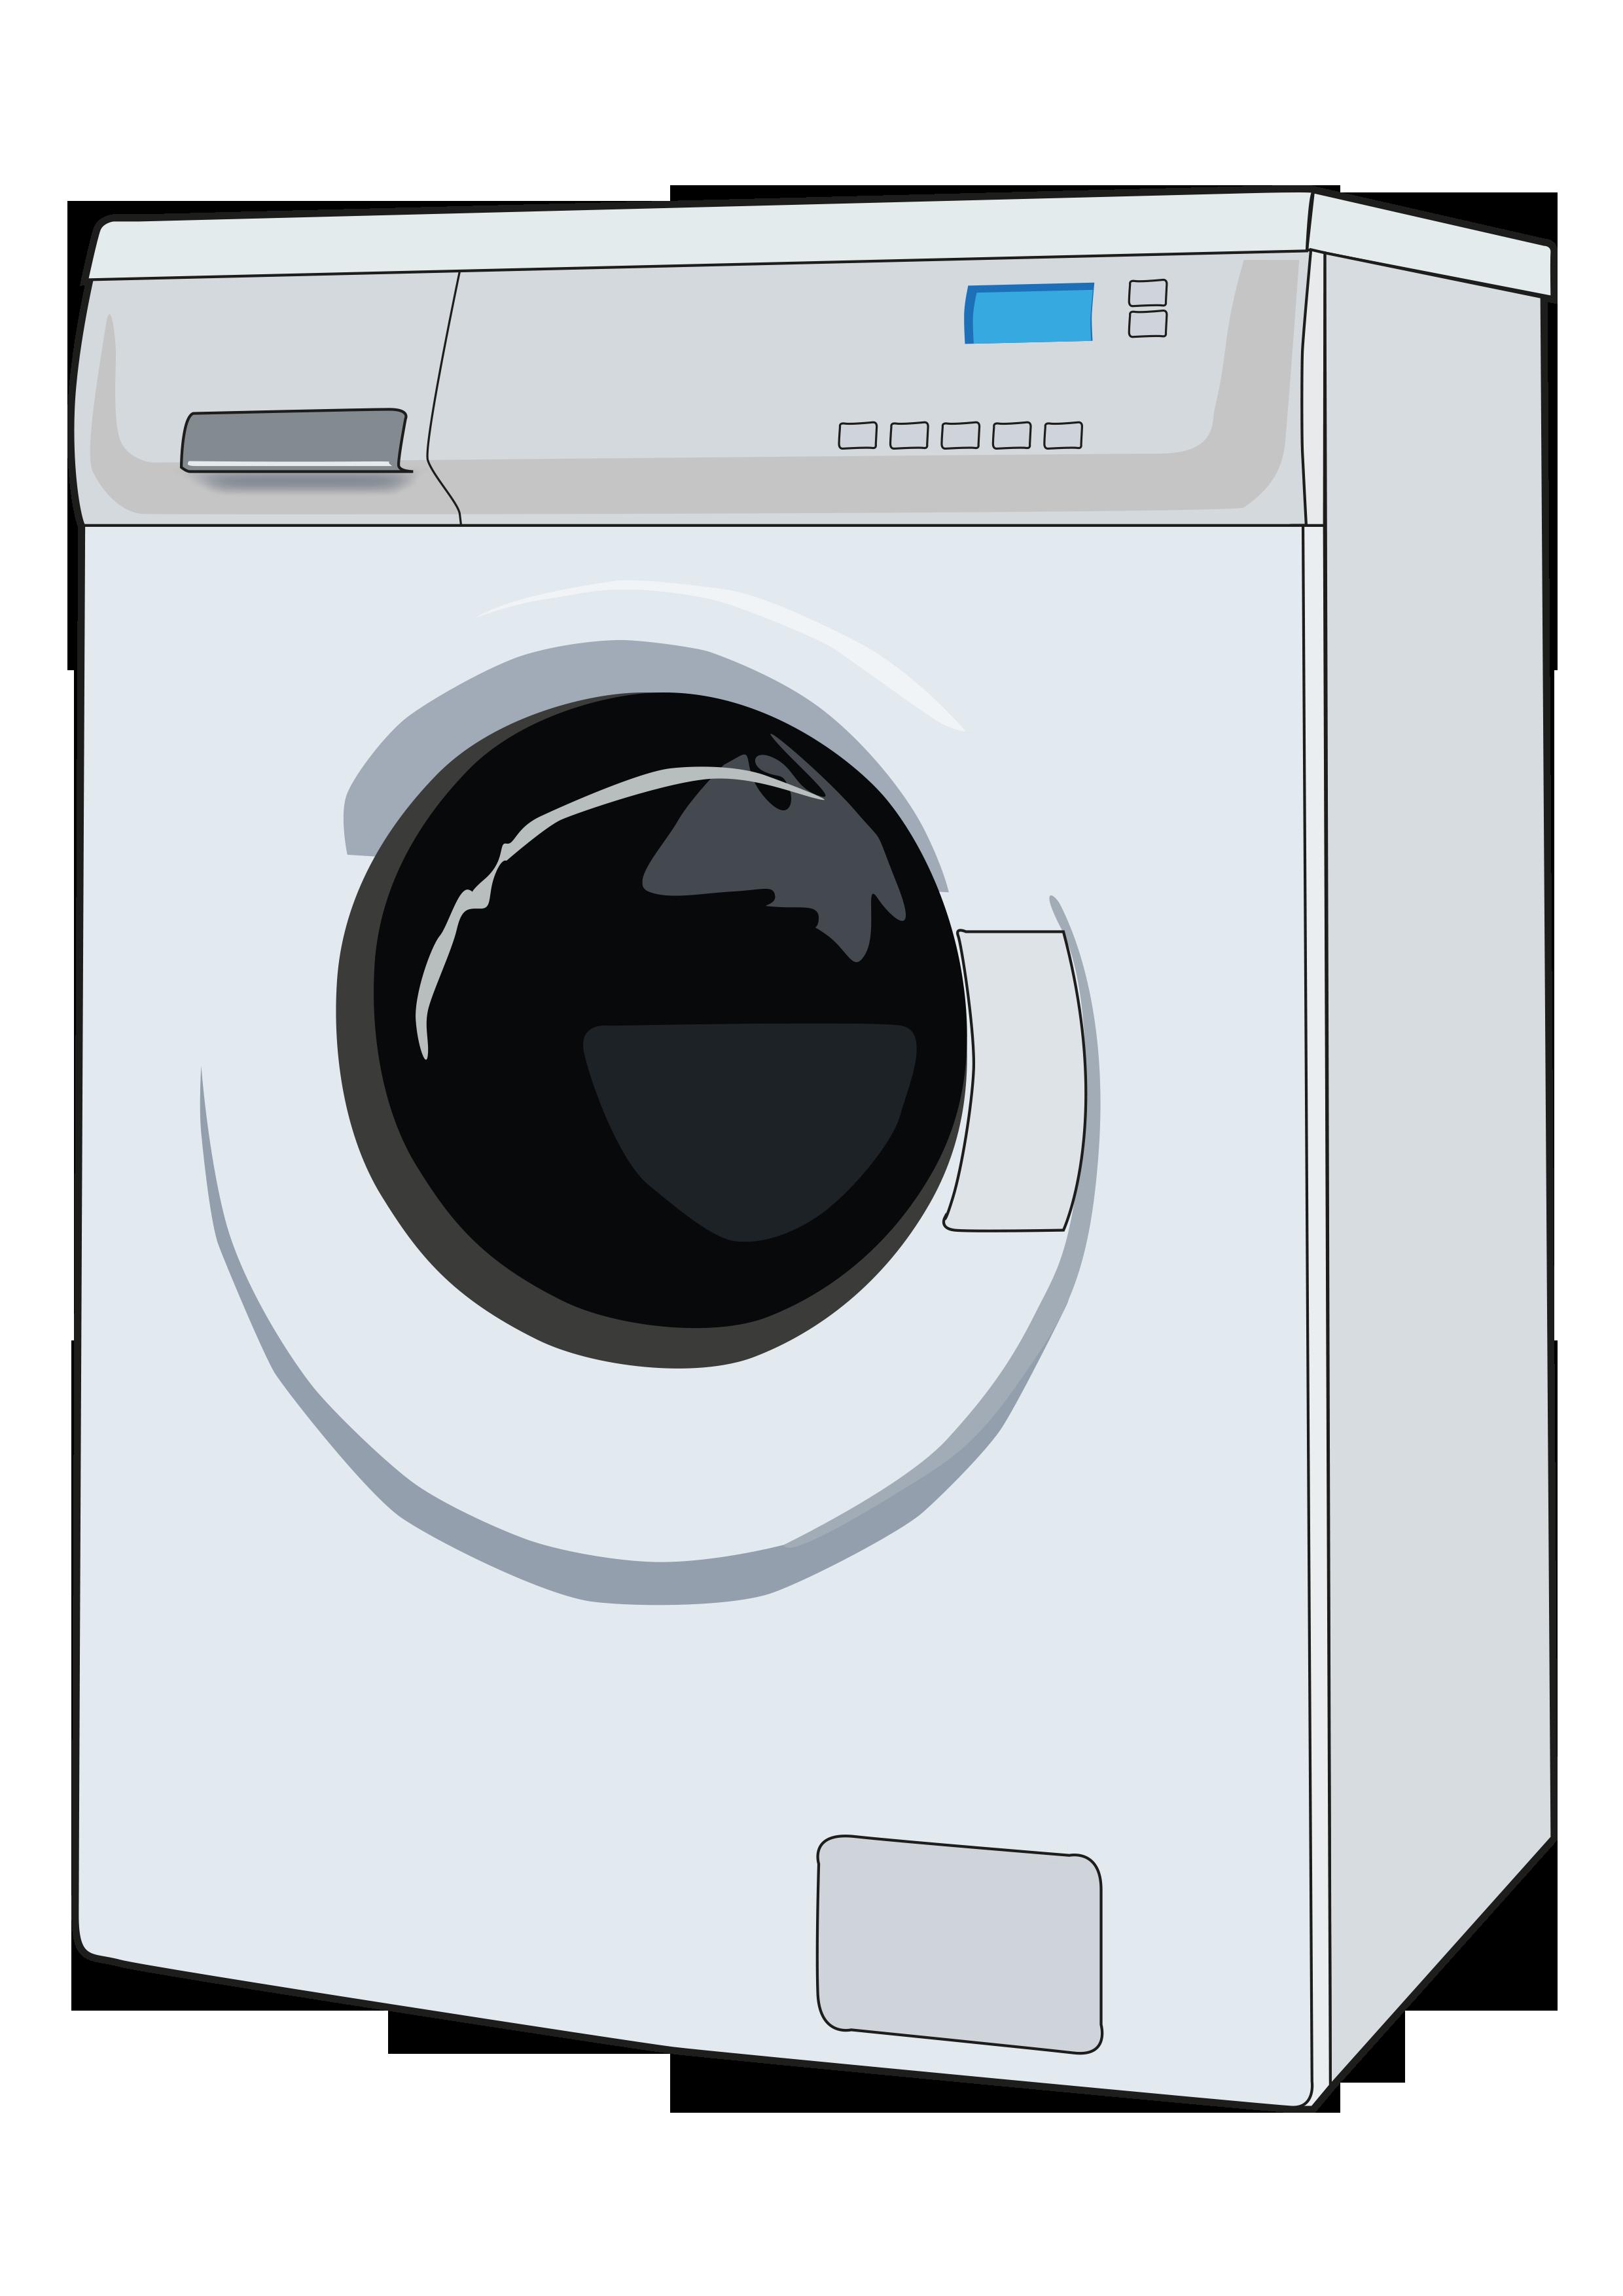 Lavadora canal del rea de tecnolog a educativa for Lavar cortinas en lavadora